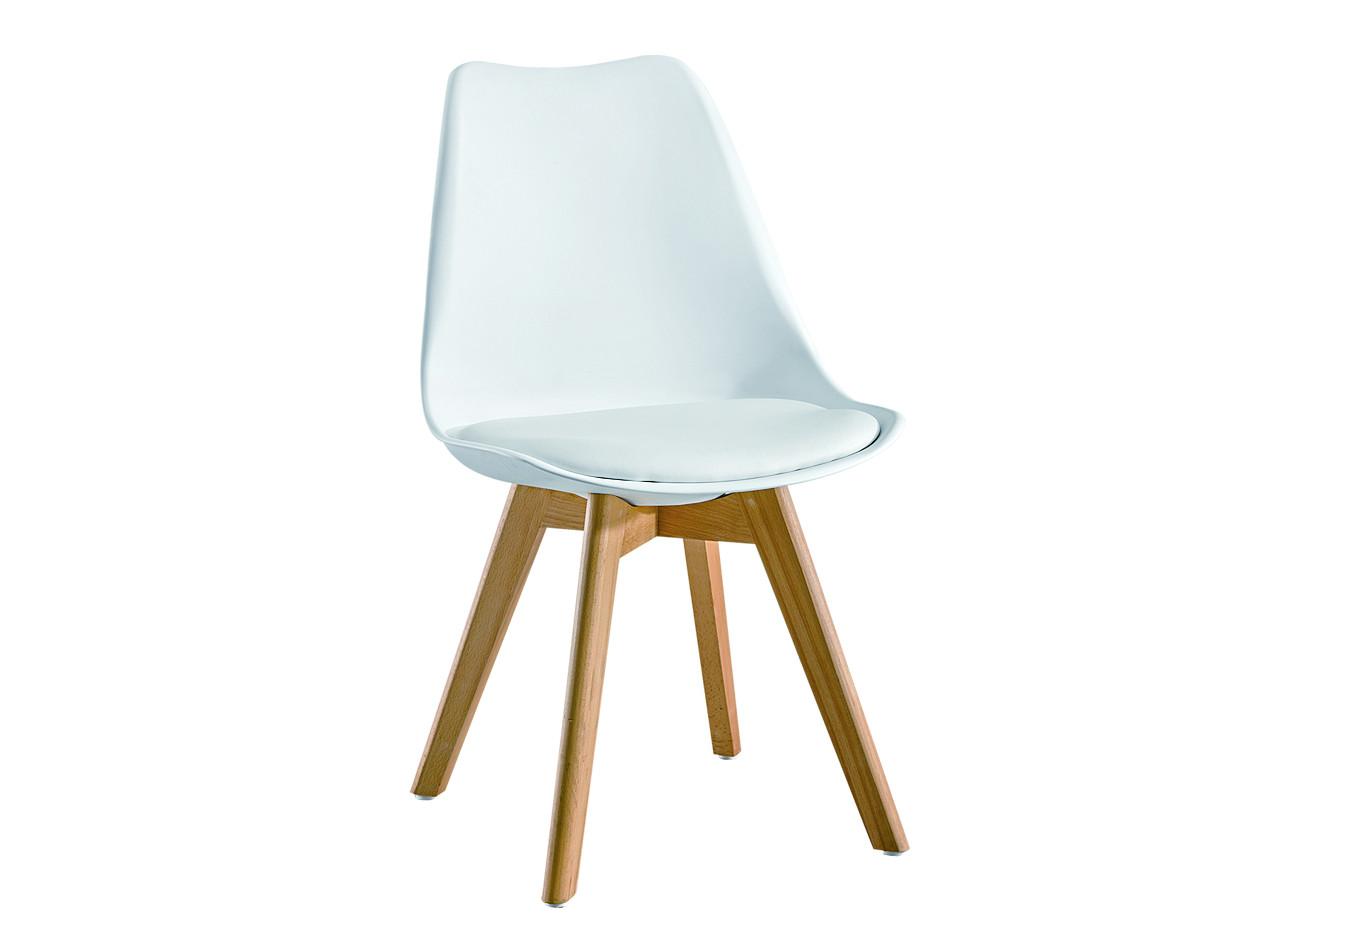 chaise de salle a manger helsinki blanc et pieds bois